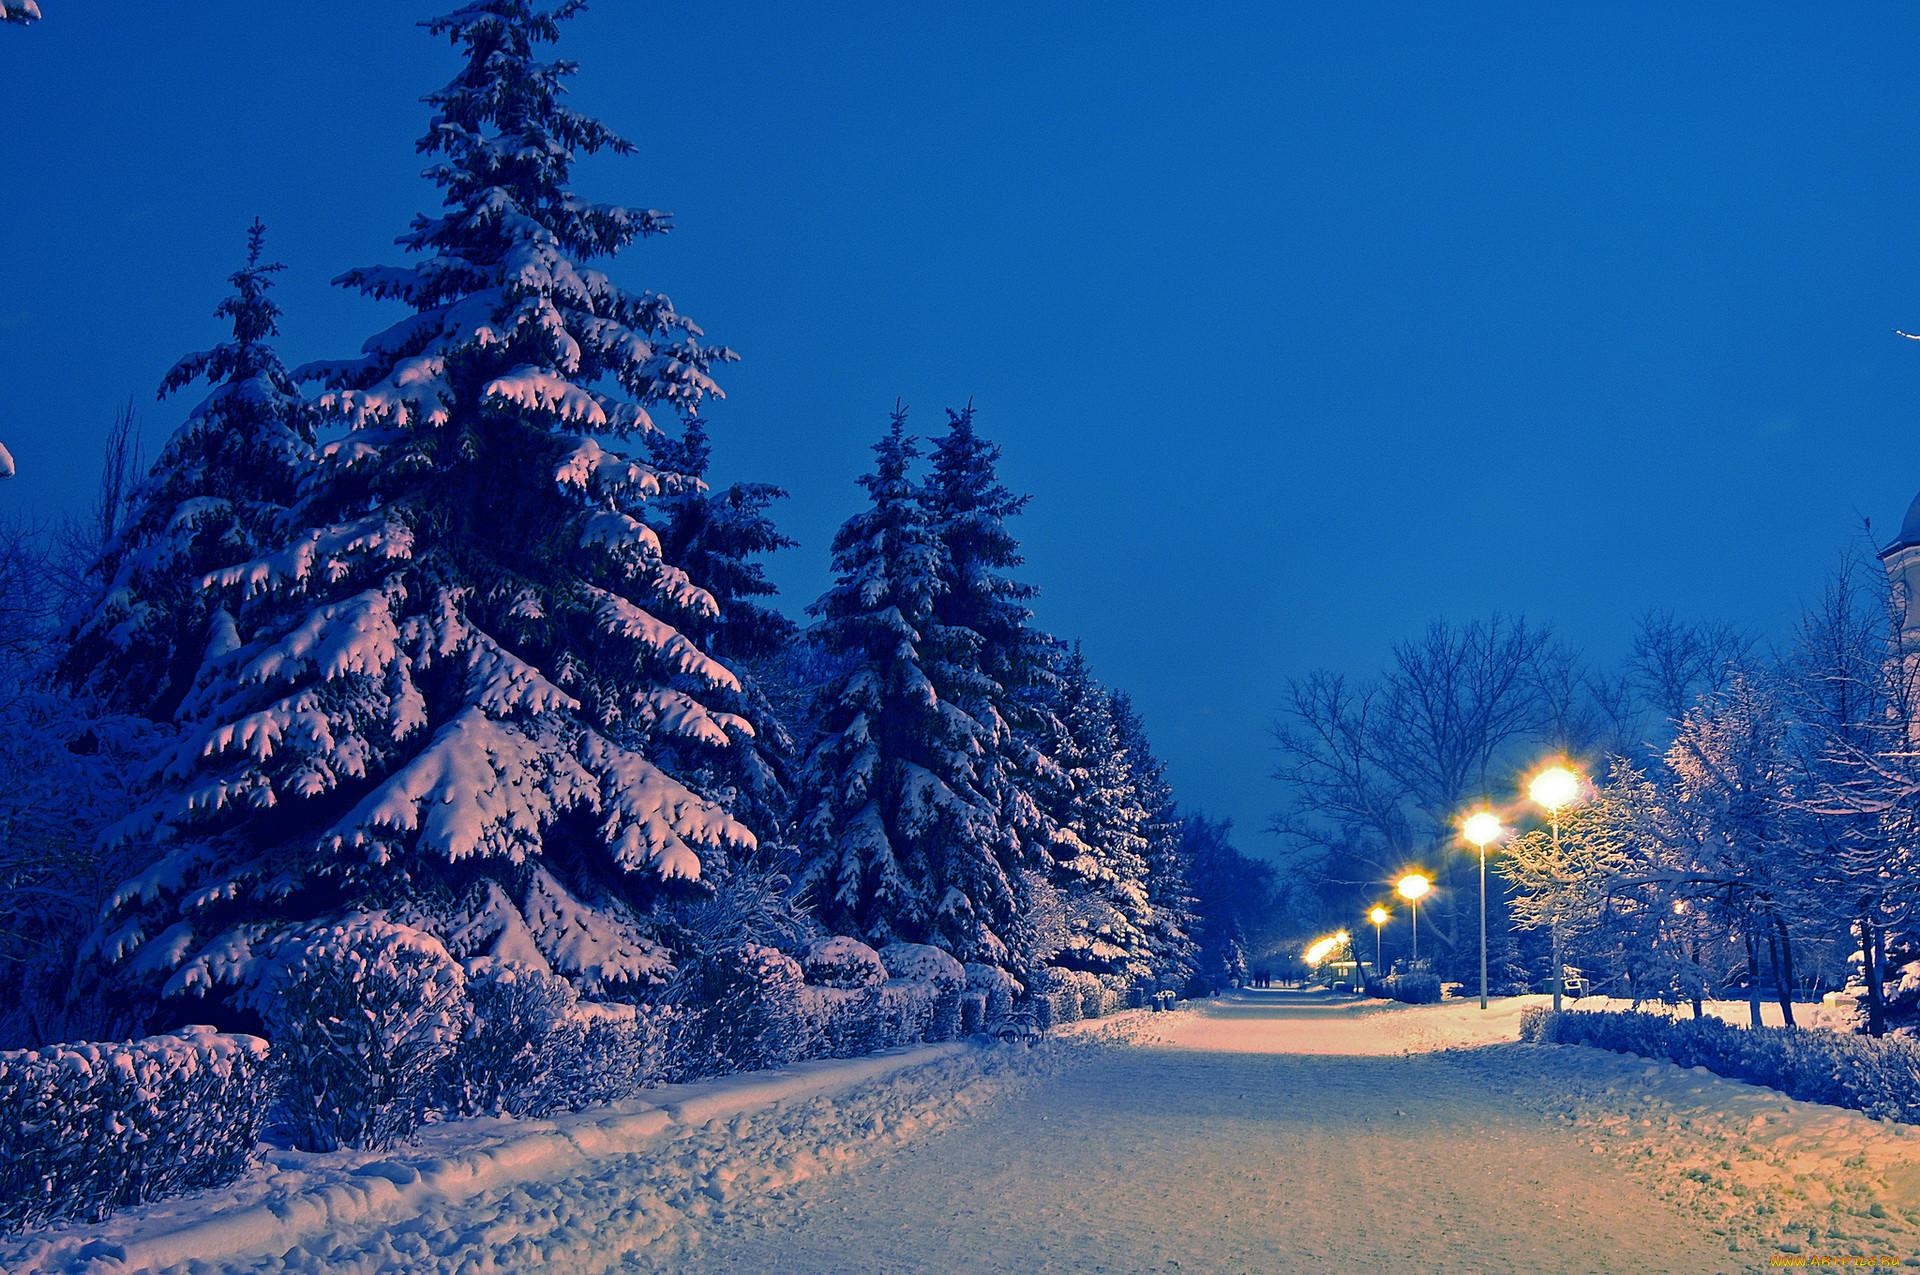 начале сезона картинки на рабочий стол ночная зима экспертной фотопортретной